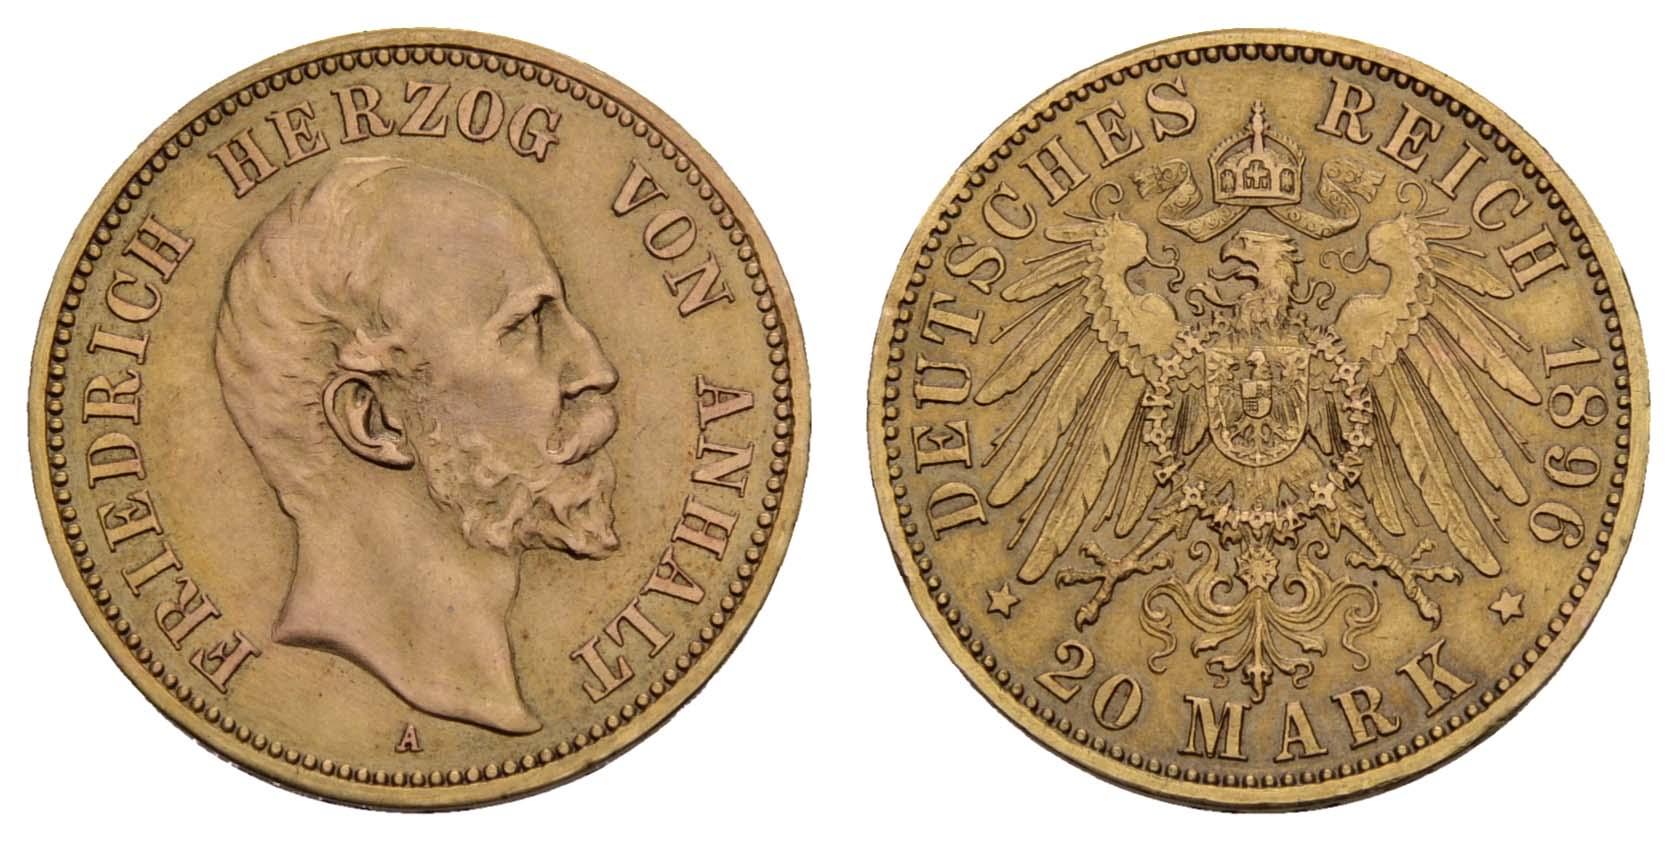 Lot 800 - deutschland Kaiserreich Goldmünzen - Anhalt -  Auktionshaus Ulrich Felzmann GmbH & Co. KG Coins single lots